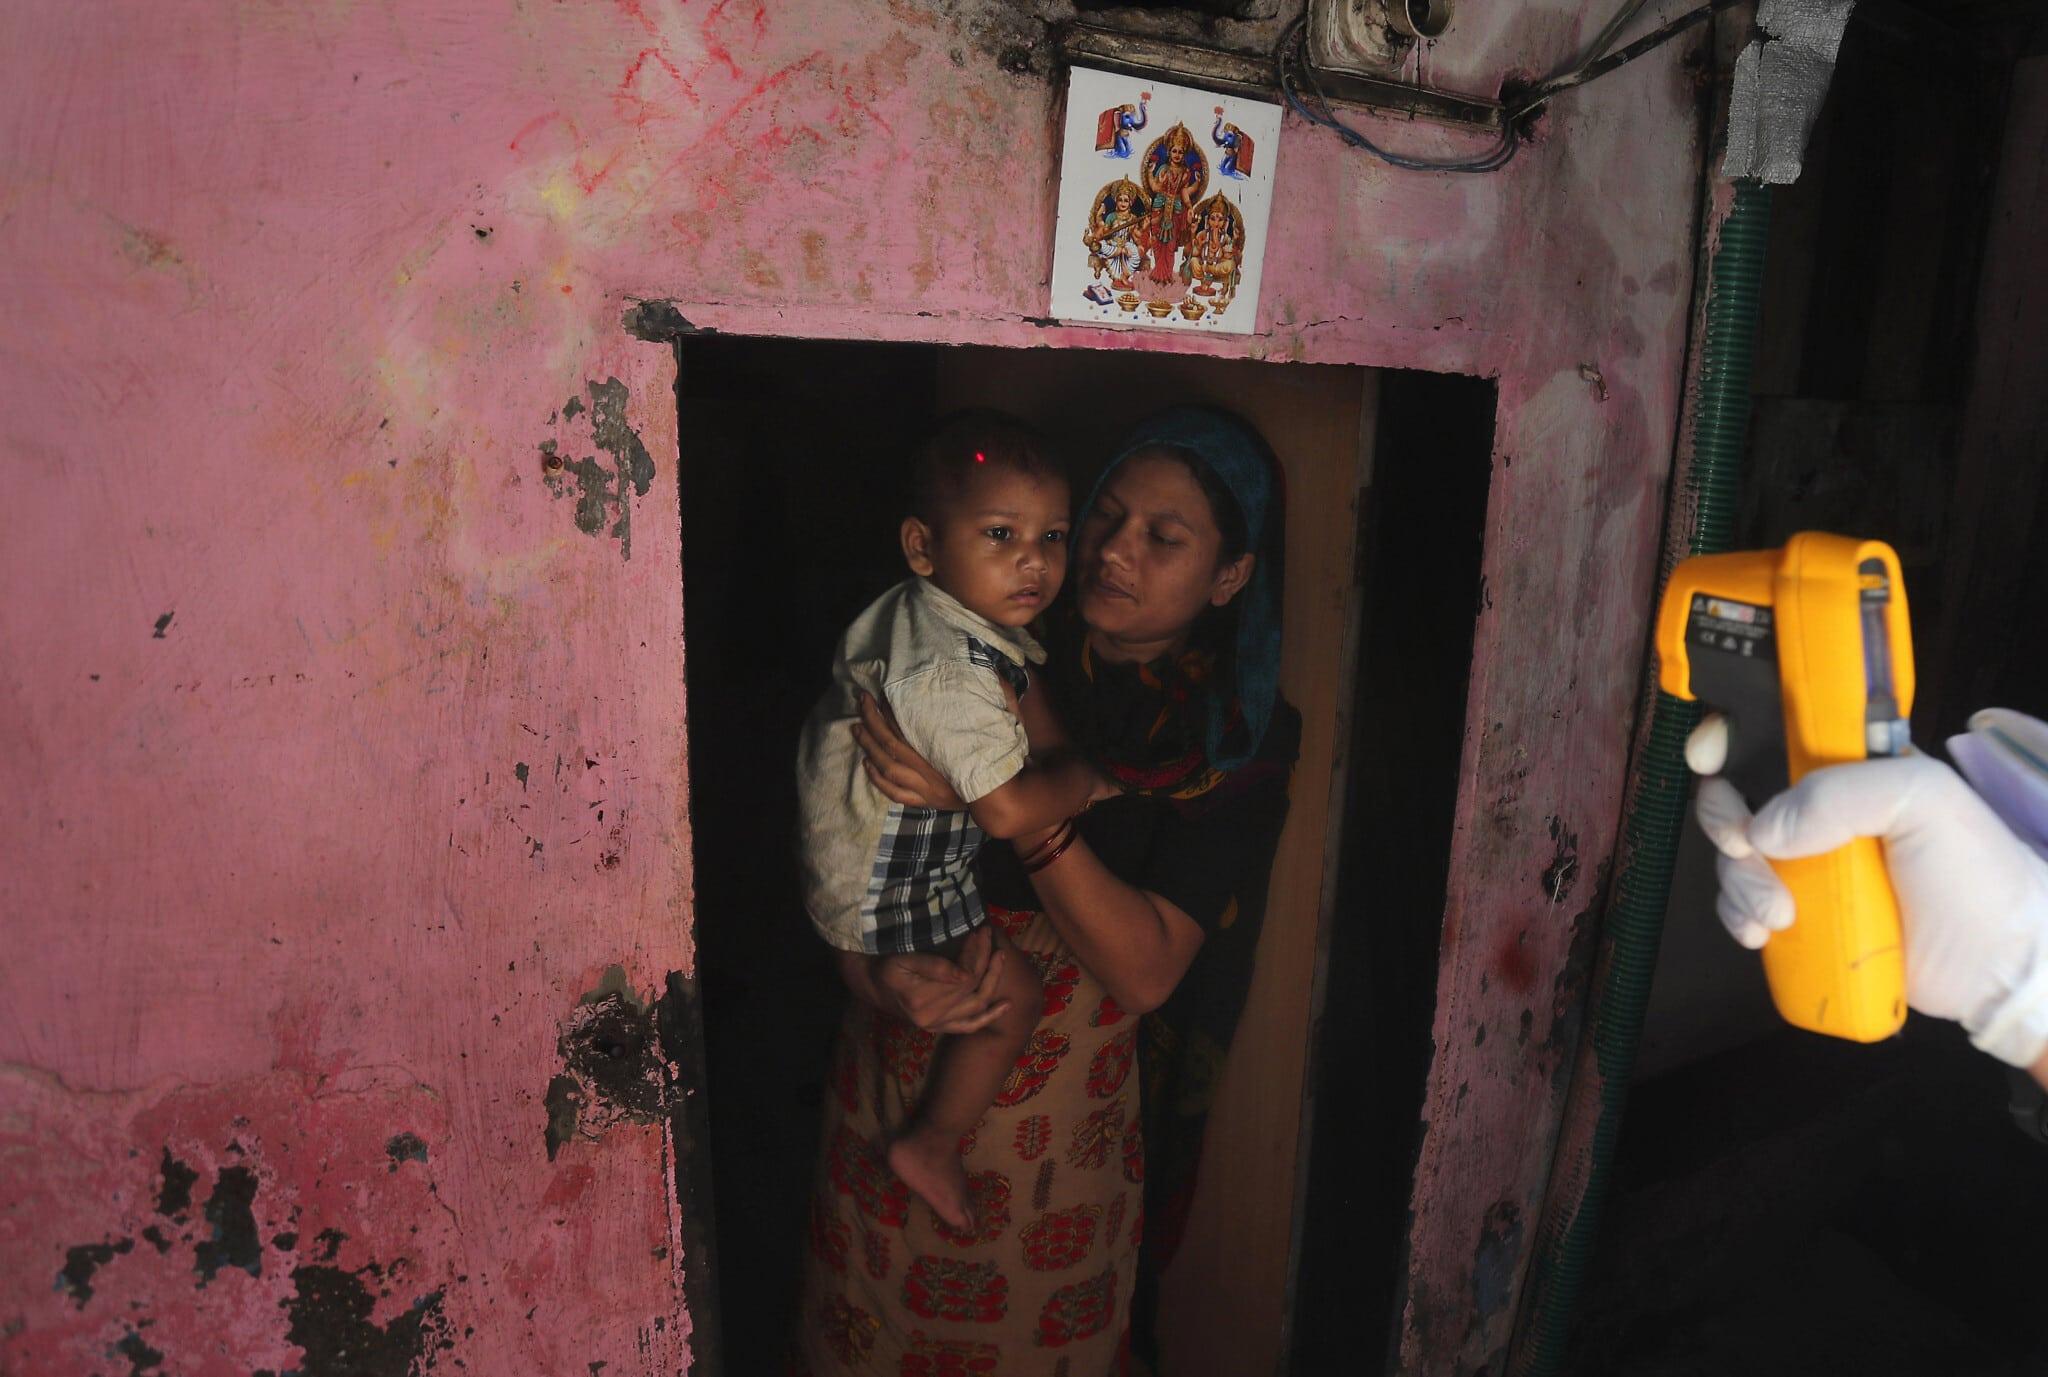 עובד בריאות בודק תסמינים של COVID-19 בדאראווי, אחת משכונות העוני הגדולות במומביי, ספטמבר 2020 (צילום: AP Photo/Rafiq Maqbool)